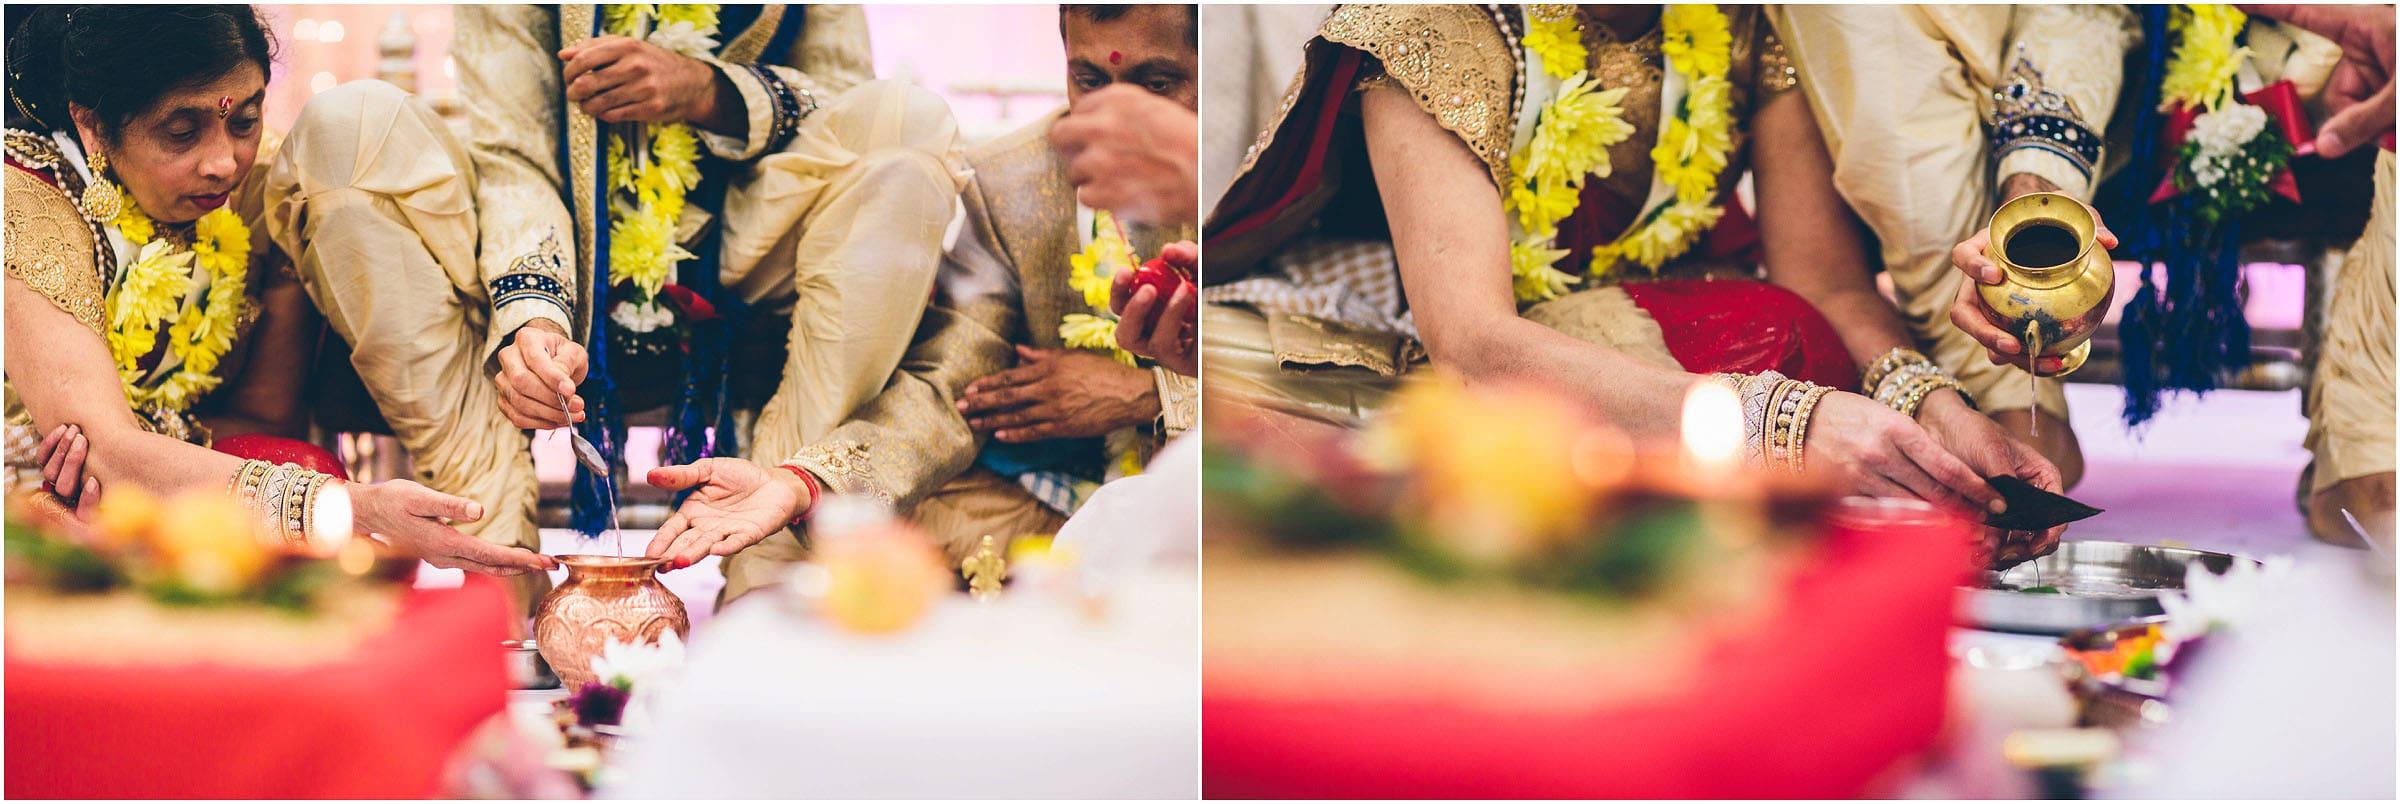 indian_wedding_photography_0004